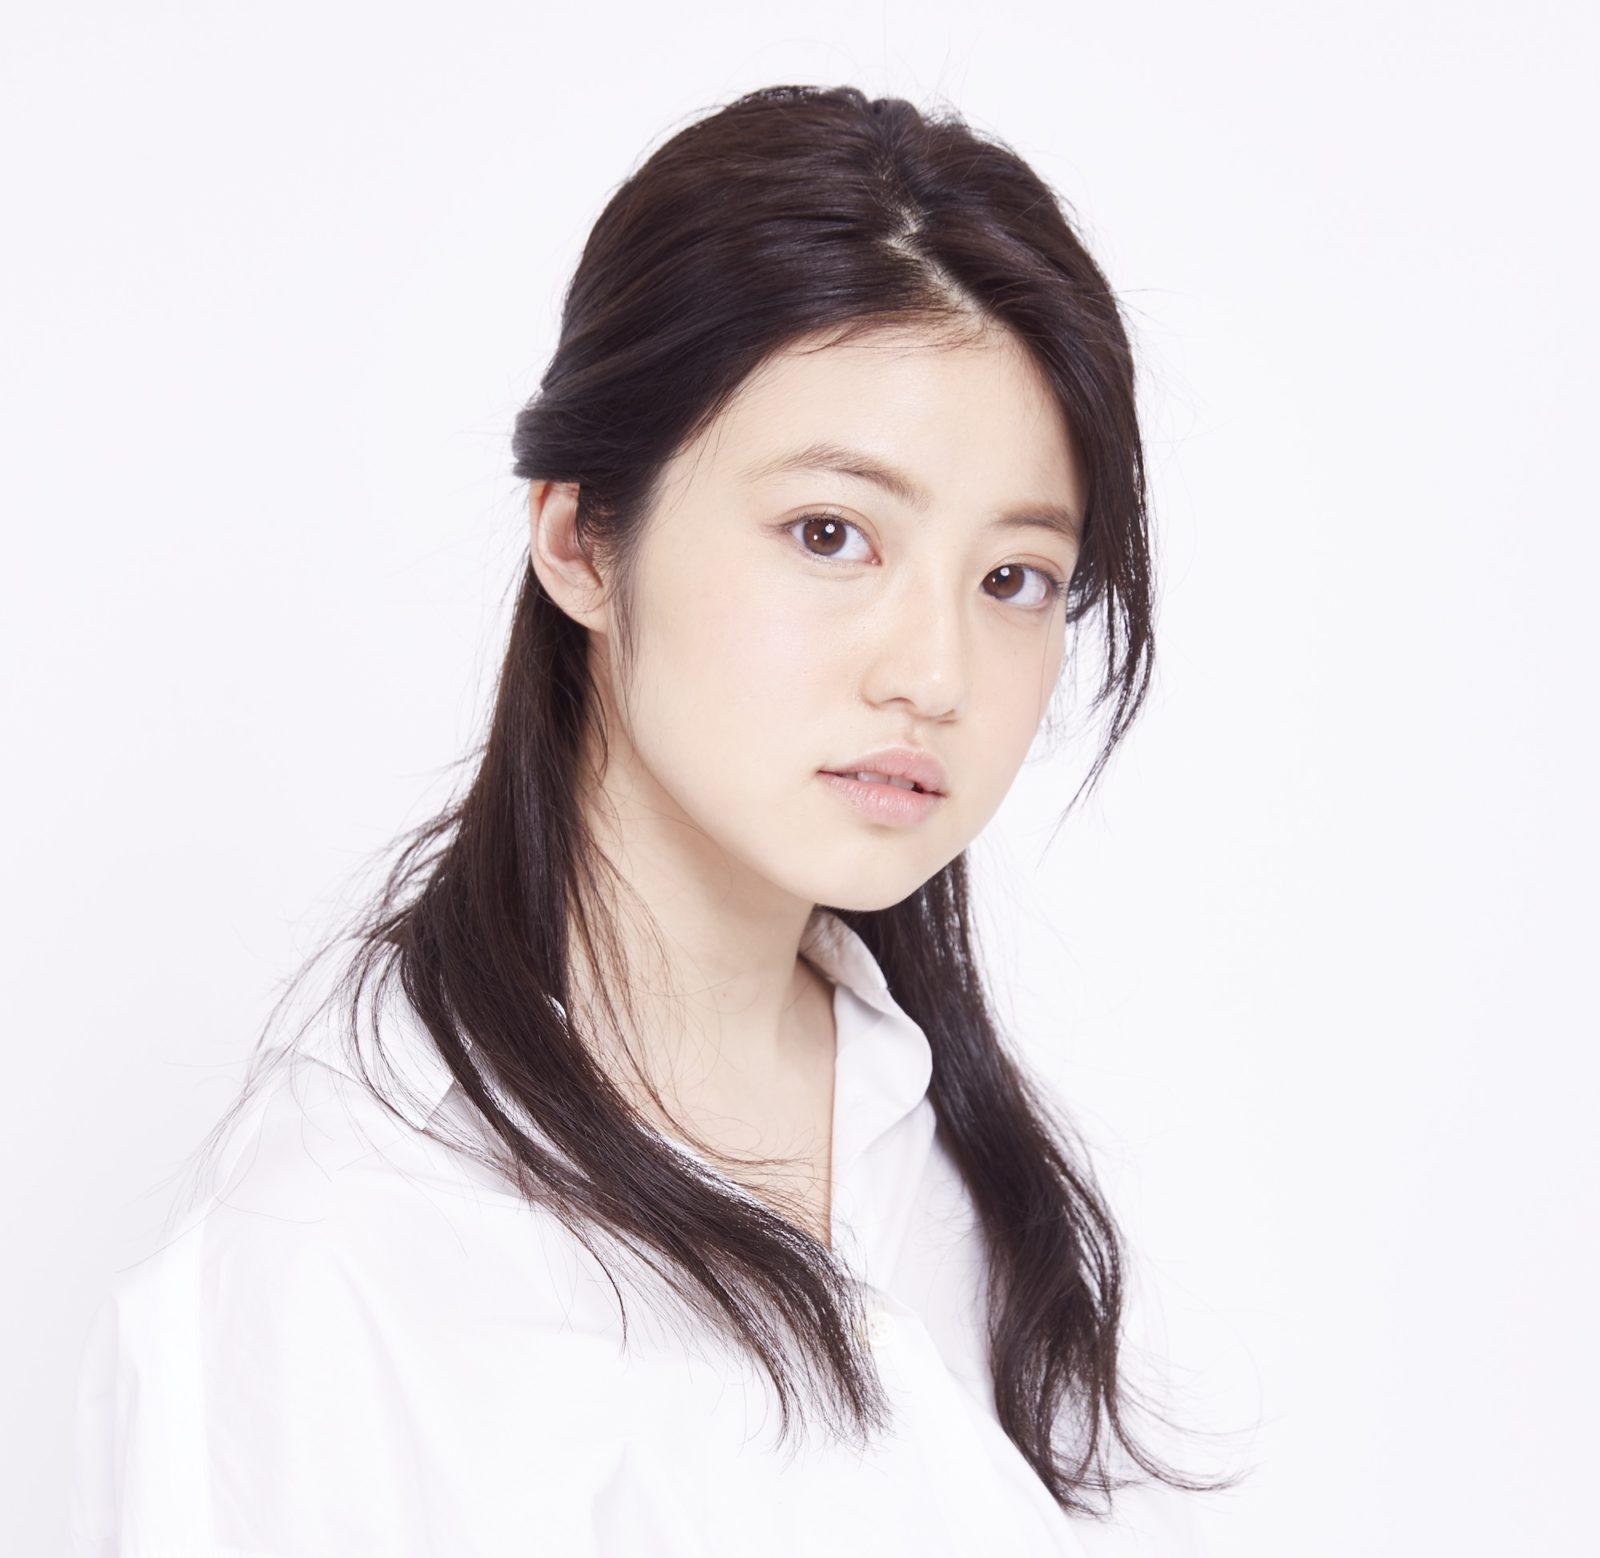 映画・ドラマで活躍!人気急上昇中の今田美桜が仕事とこれからについて語る「もっともっといろんな役に挑戦していきたい」【インタビュー】サムネイル画像